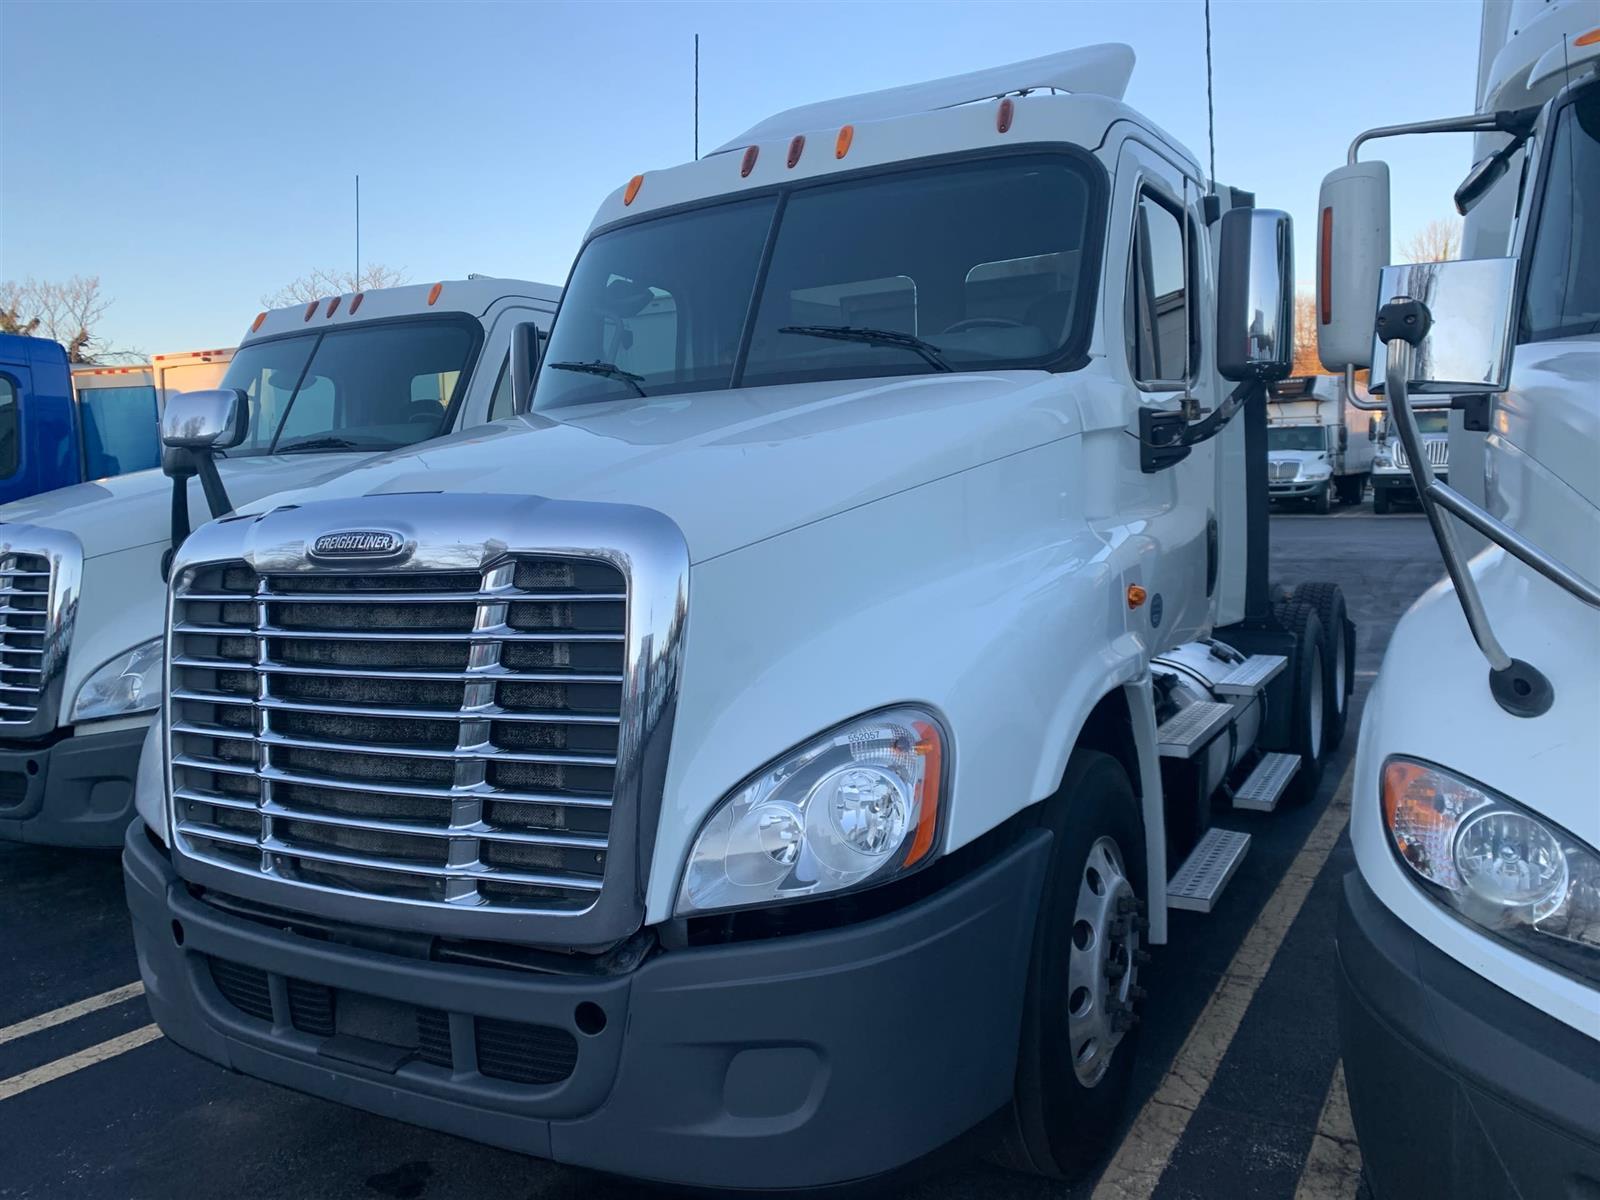 2014 Freightliner Truck 6x4, Tractor #552057 - photo 1